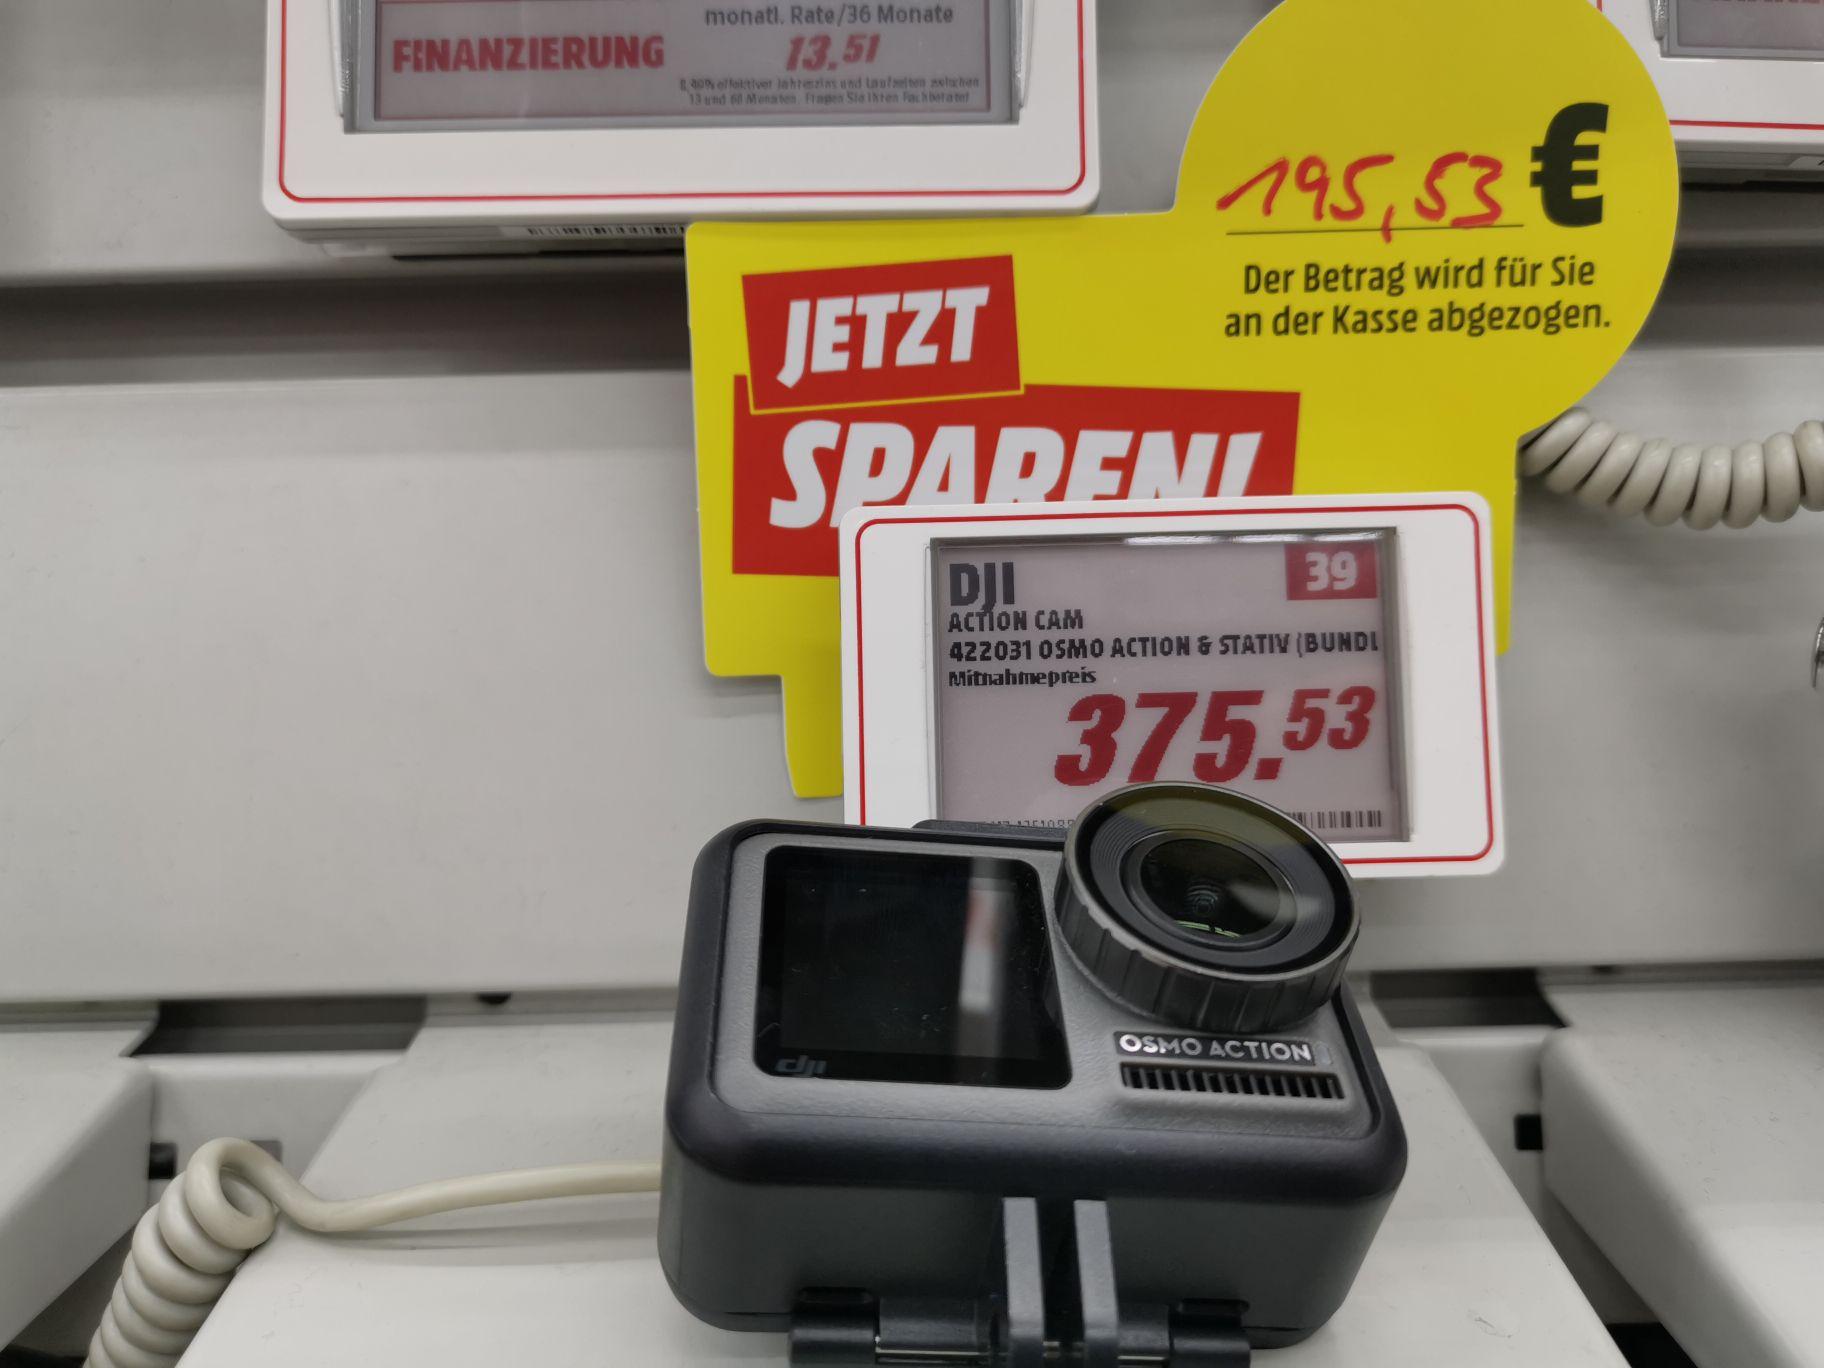 DJI Osmo Action Bundle (mit Stativ) Media Markt Mülheim